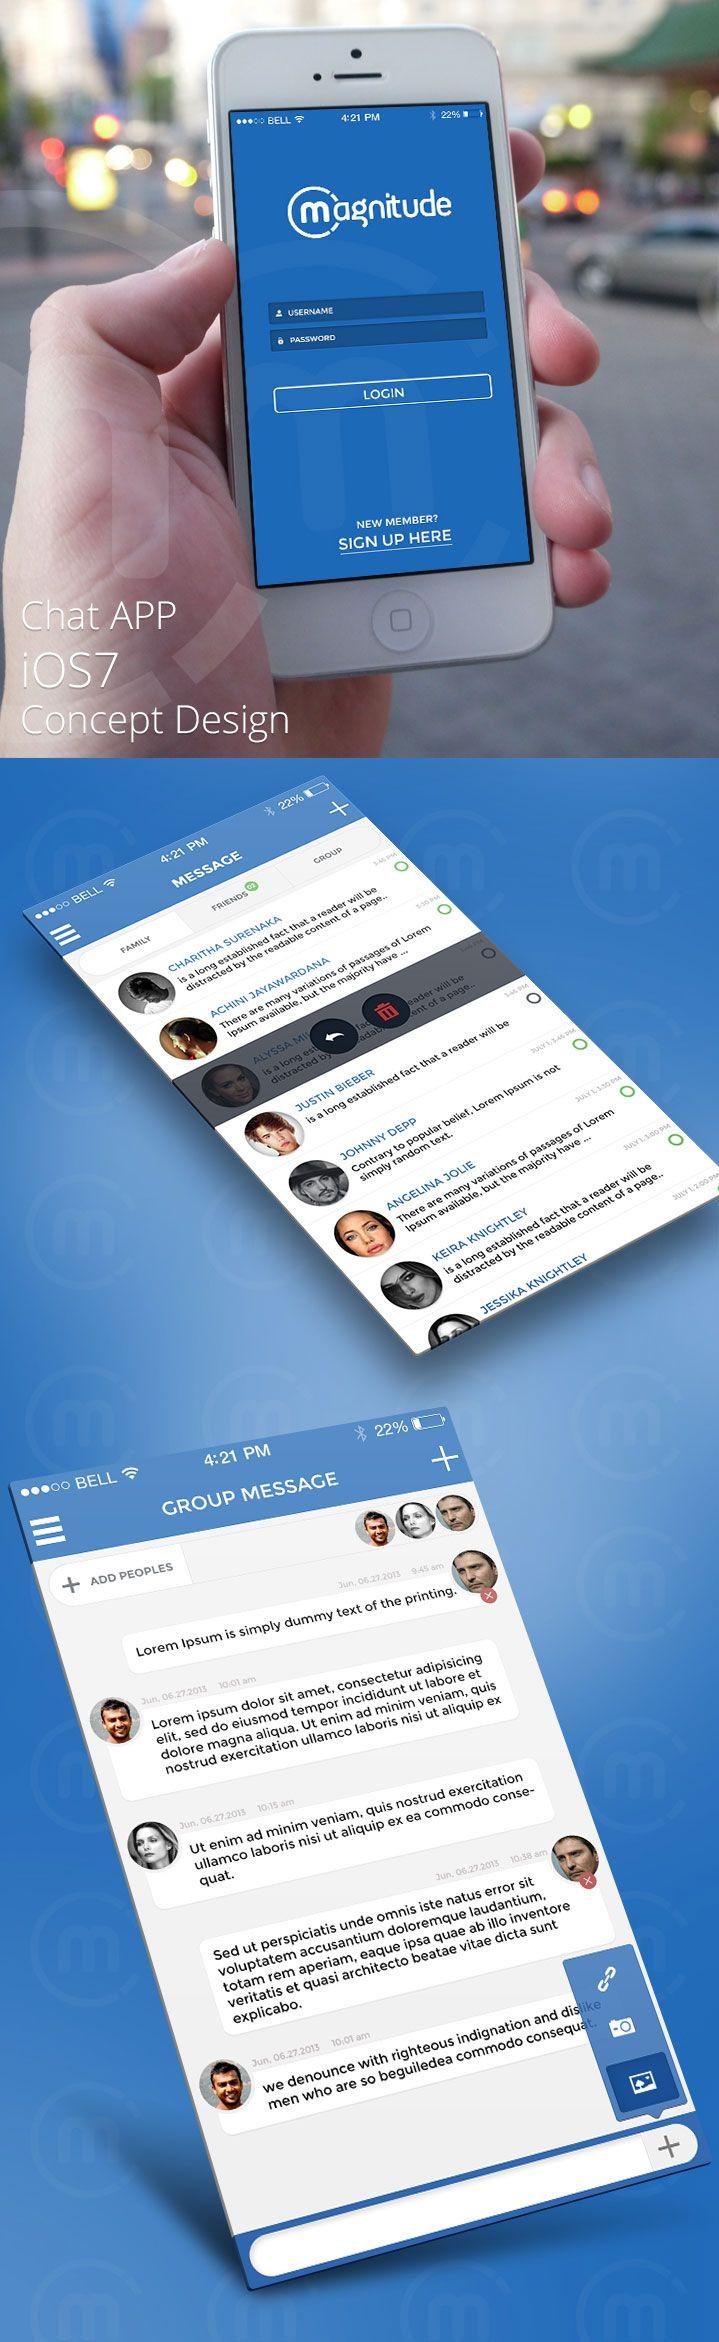 Chat APP iOS7 Concept Design